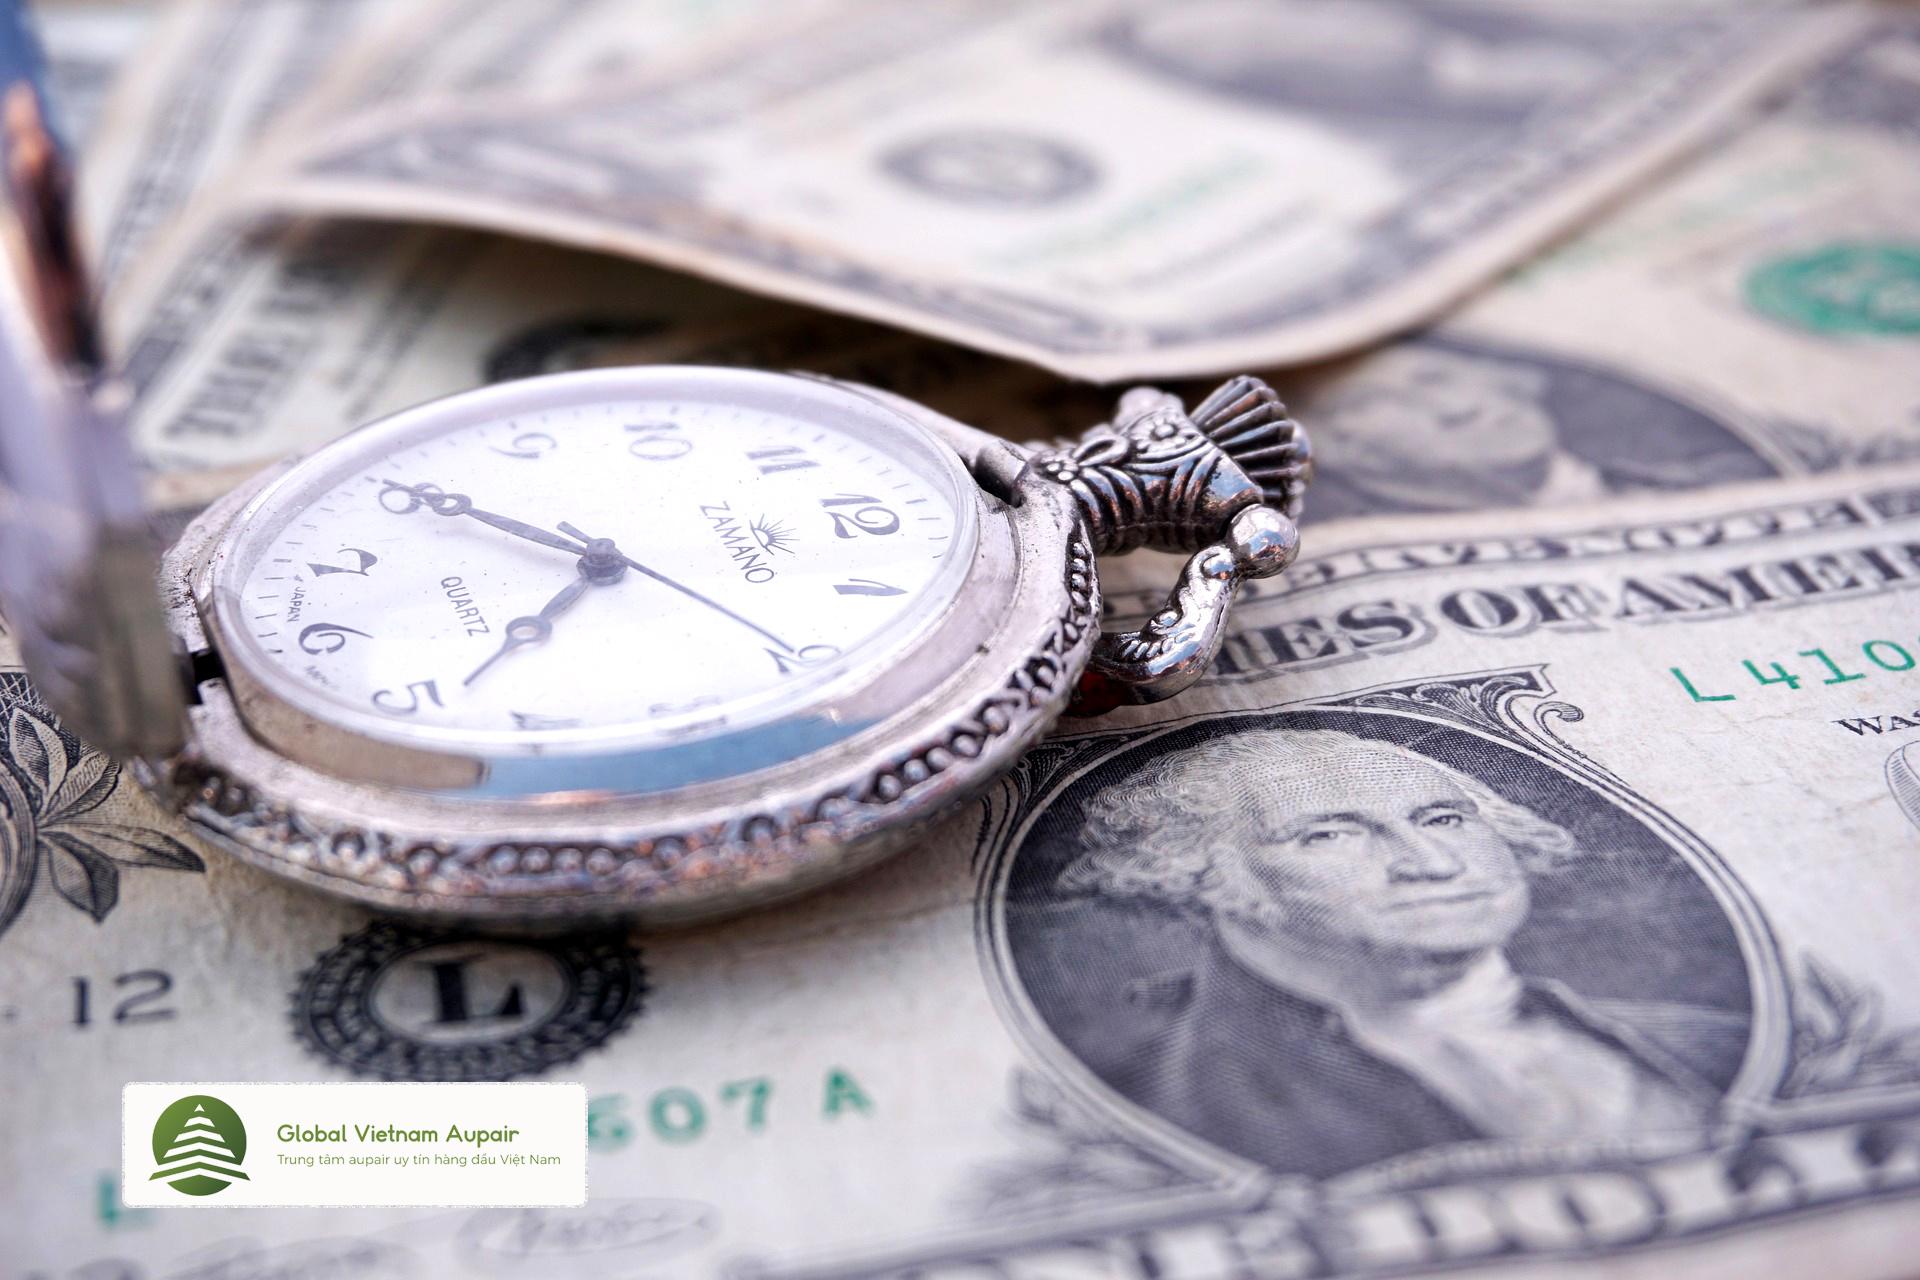 So sánh thời gian làm việc và lương Aupair của từng nước